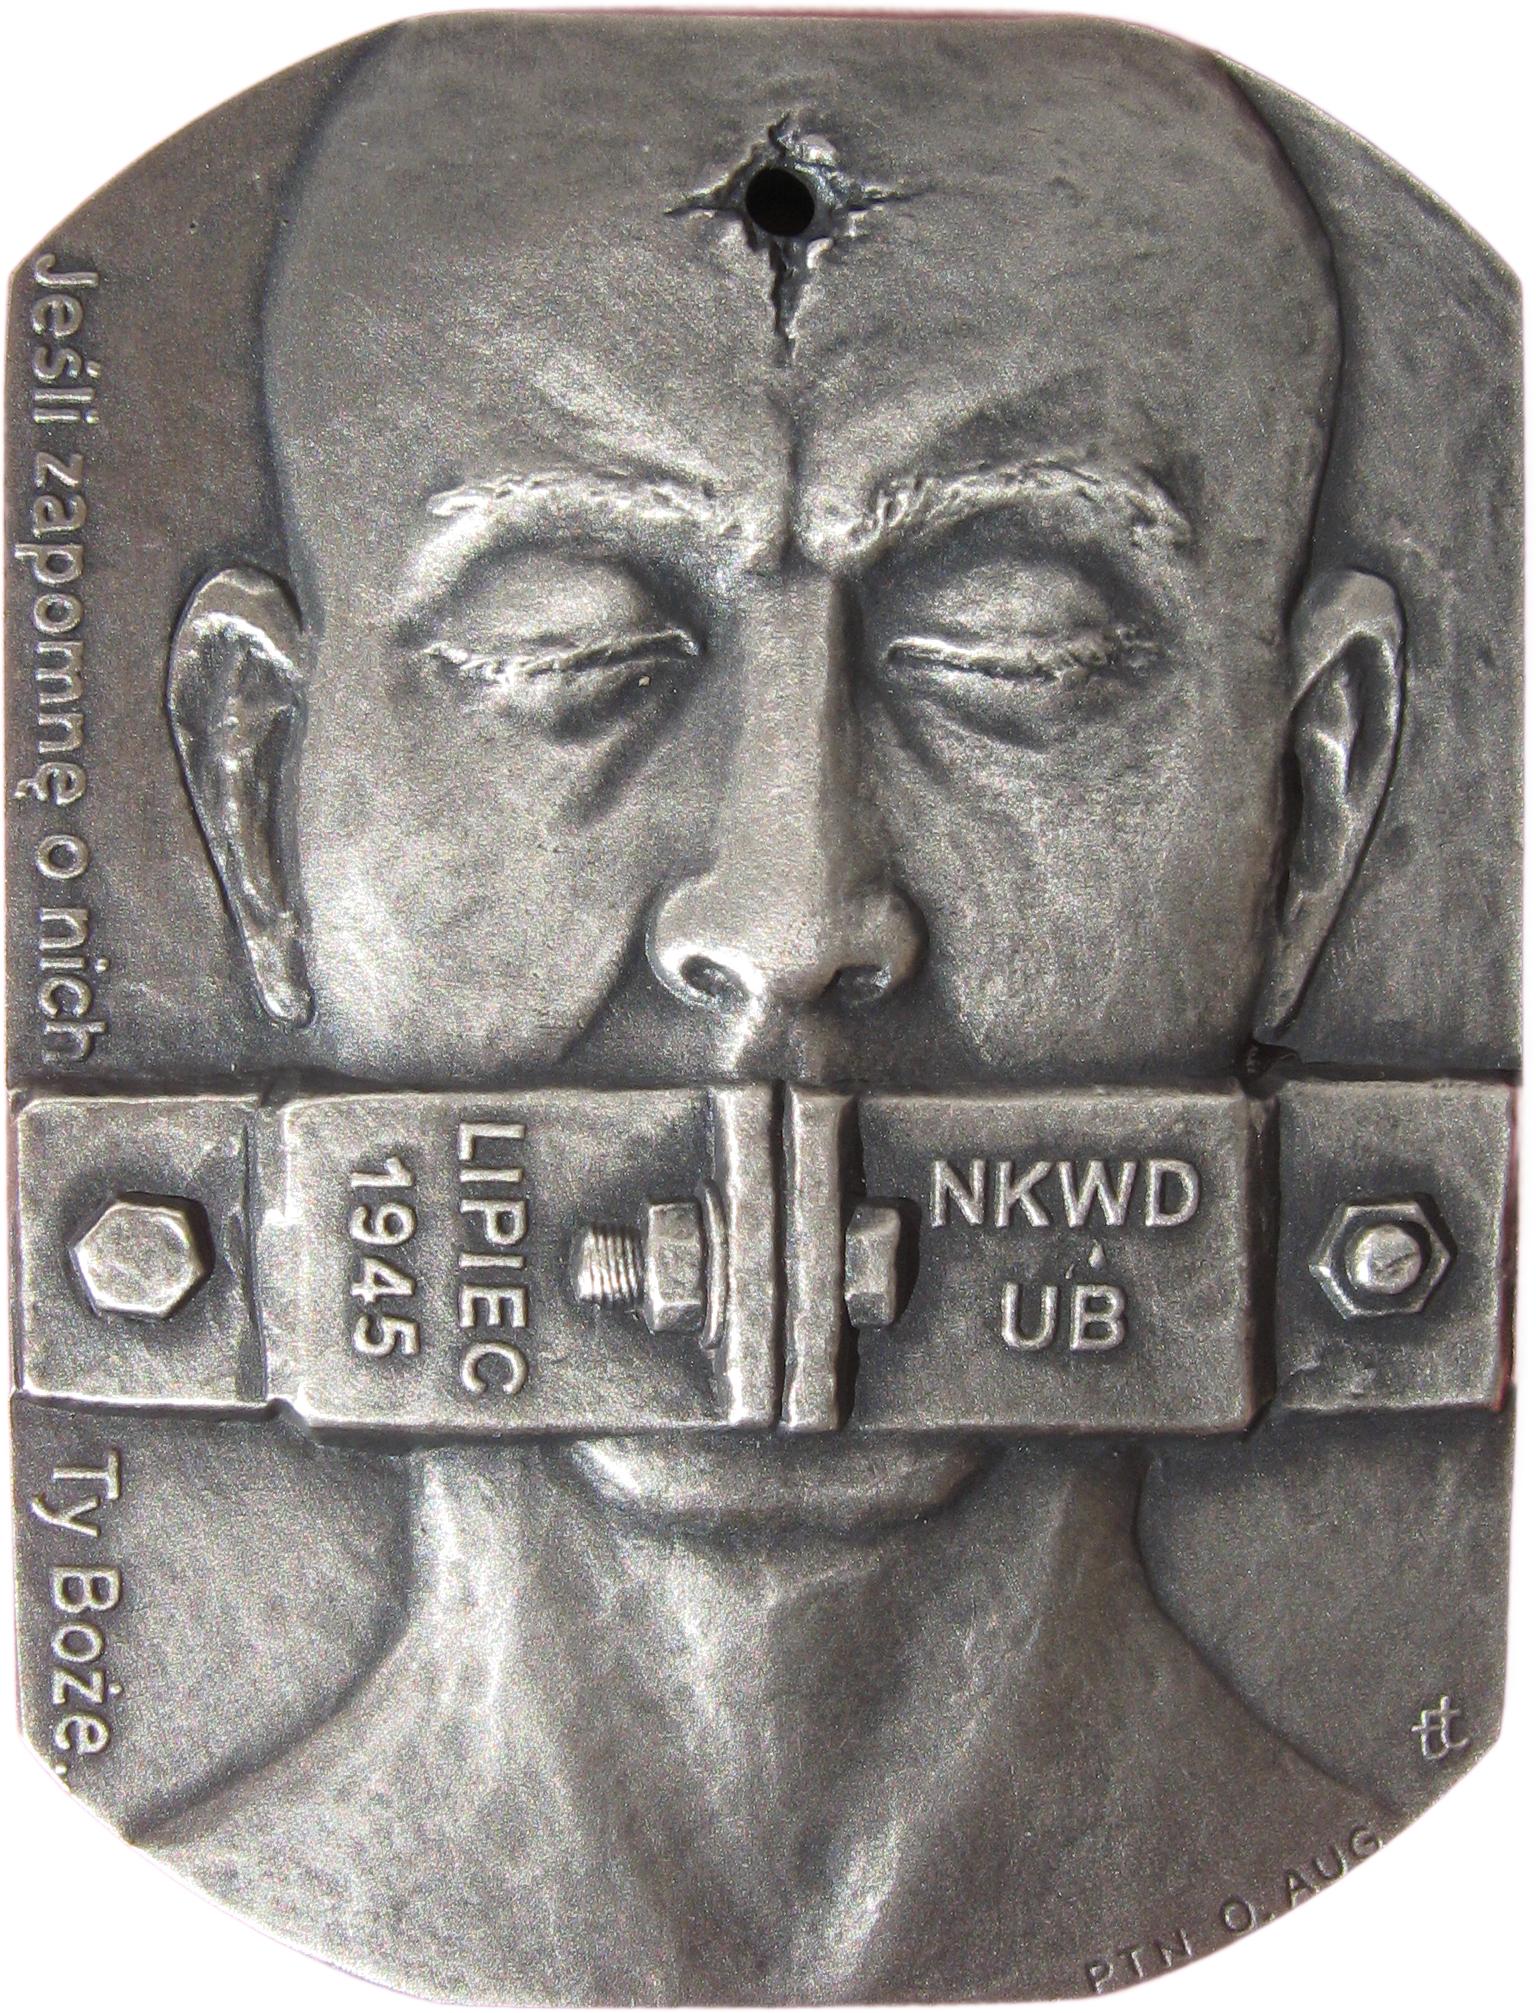 Tadeusz Tchórzewski - Medal w 65 rocznicę obławy augustowskiej (awers), tombak srebrzony, 65 x 50 mm, 2010